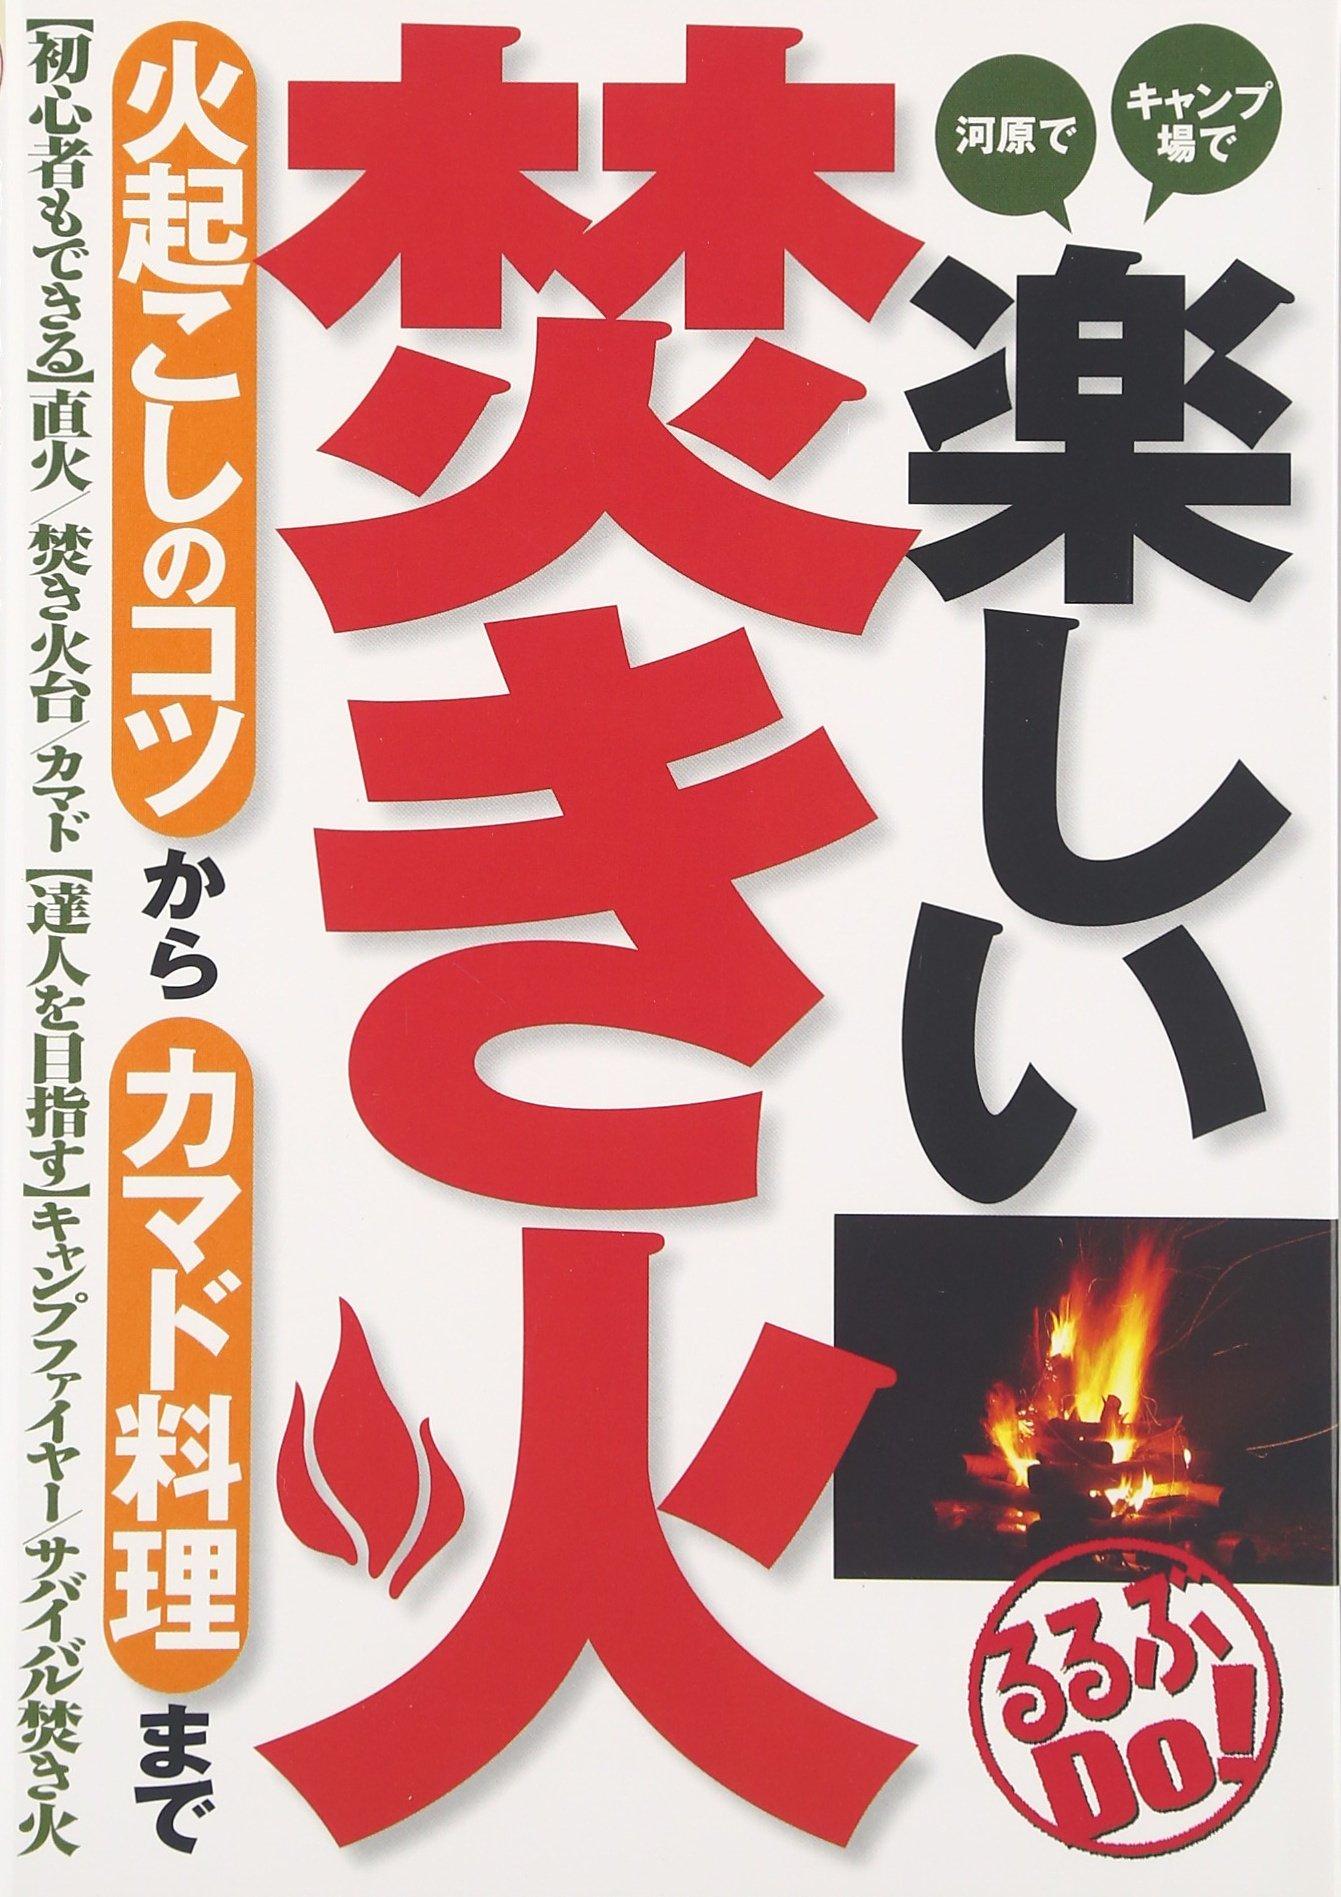 『楽しい焚き火』(ジェイティビィパブリッシング)